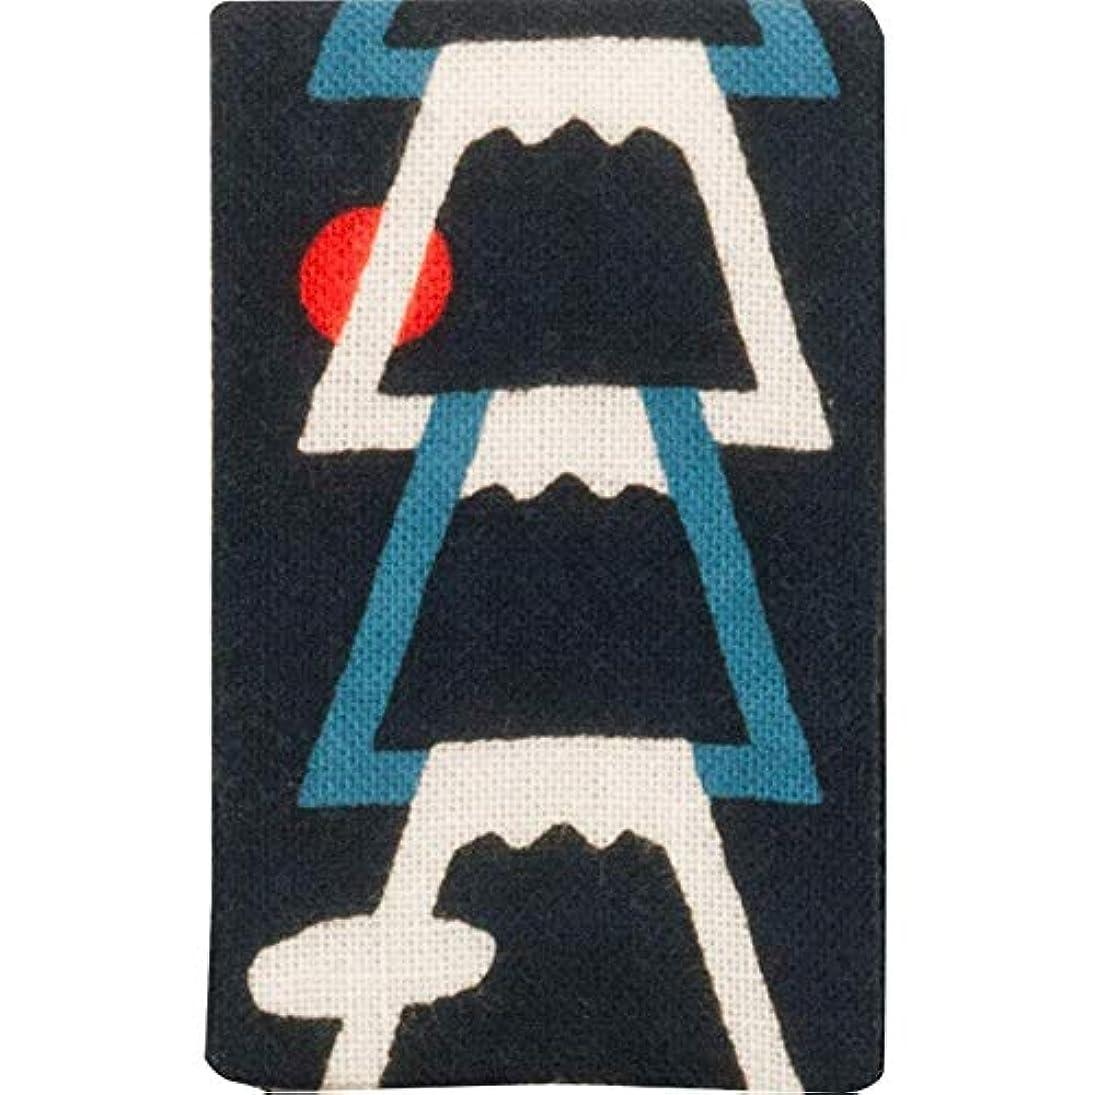 所属呼びかけるペック濱文様 エチケットミラー 富士山ならべ コン